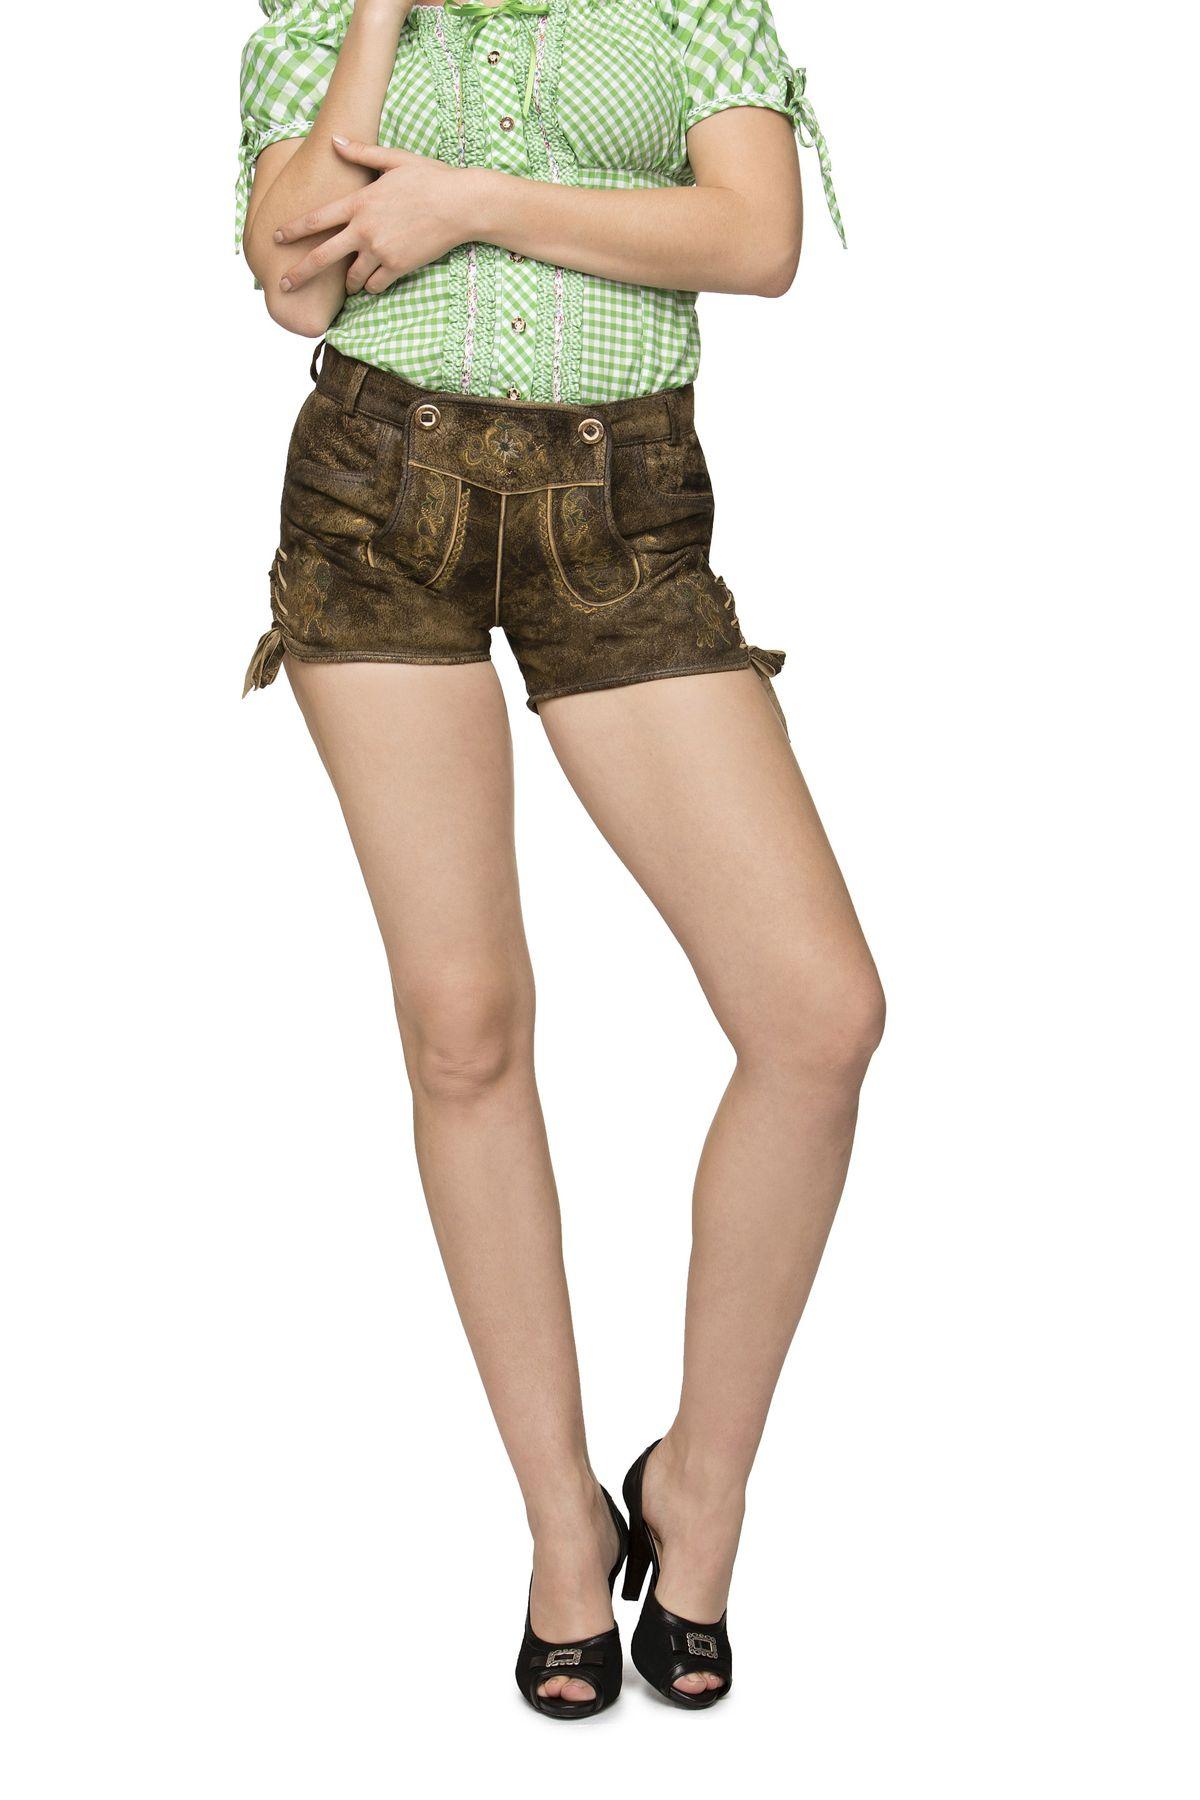 Stockerpoint - Damen Trachten Lederhose kurz, Xenia – Bild 10